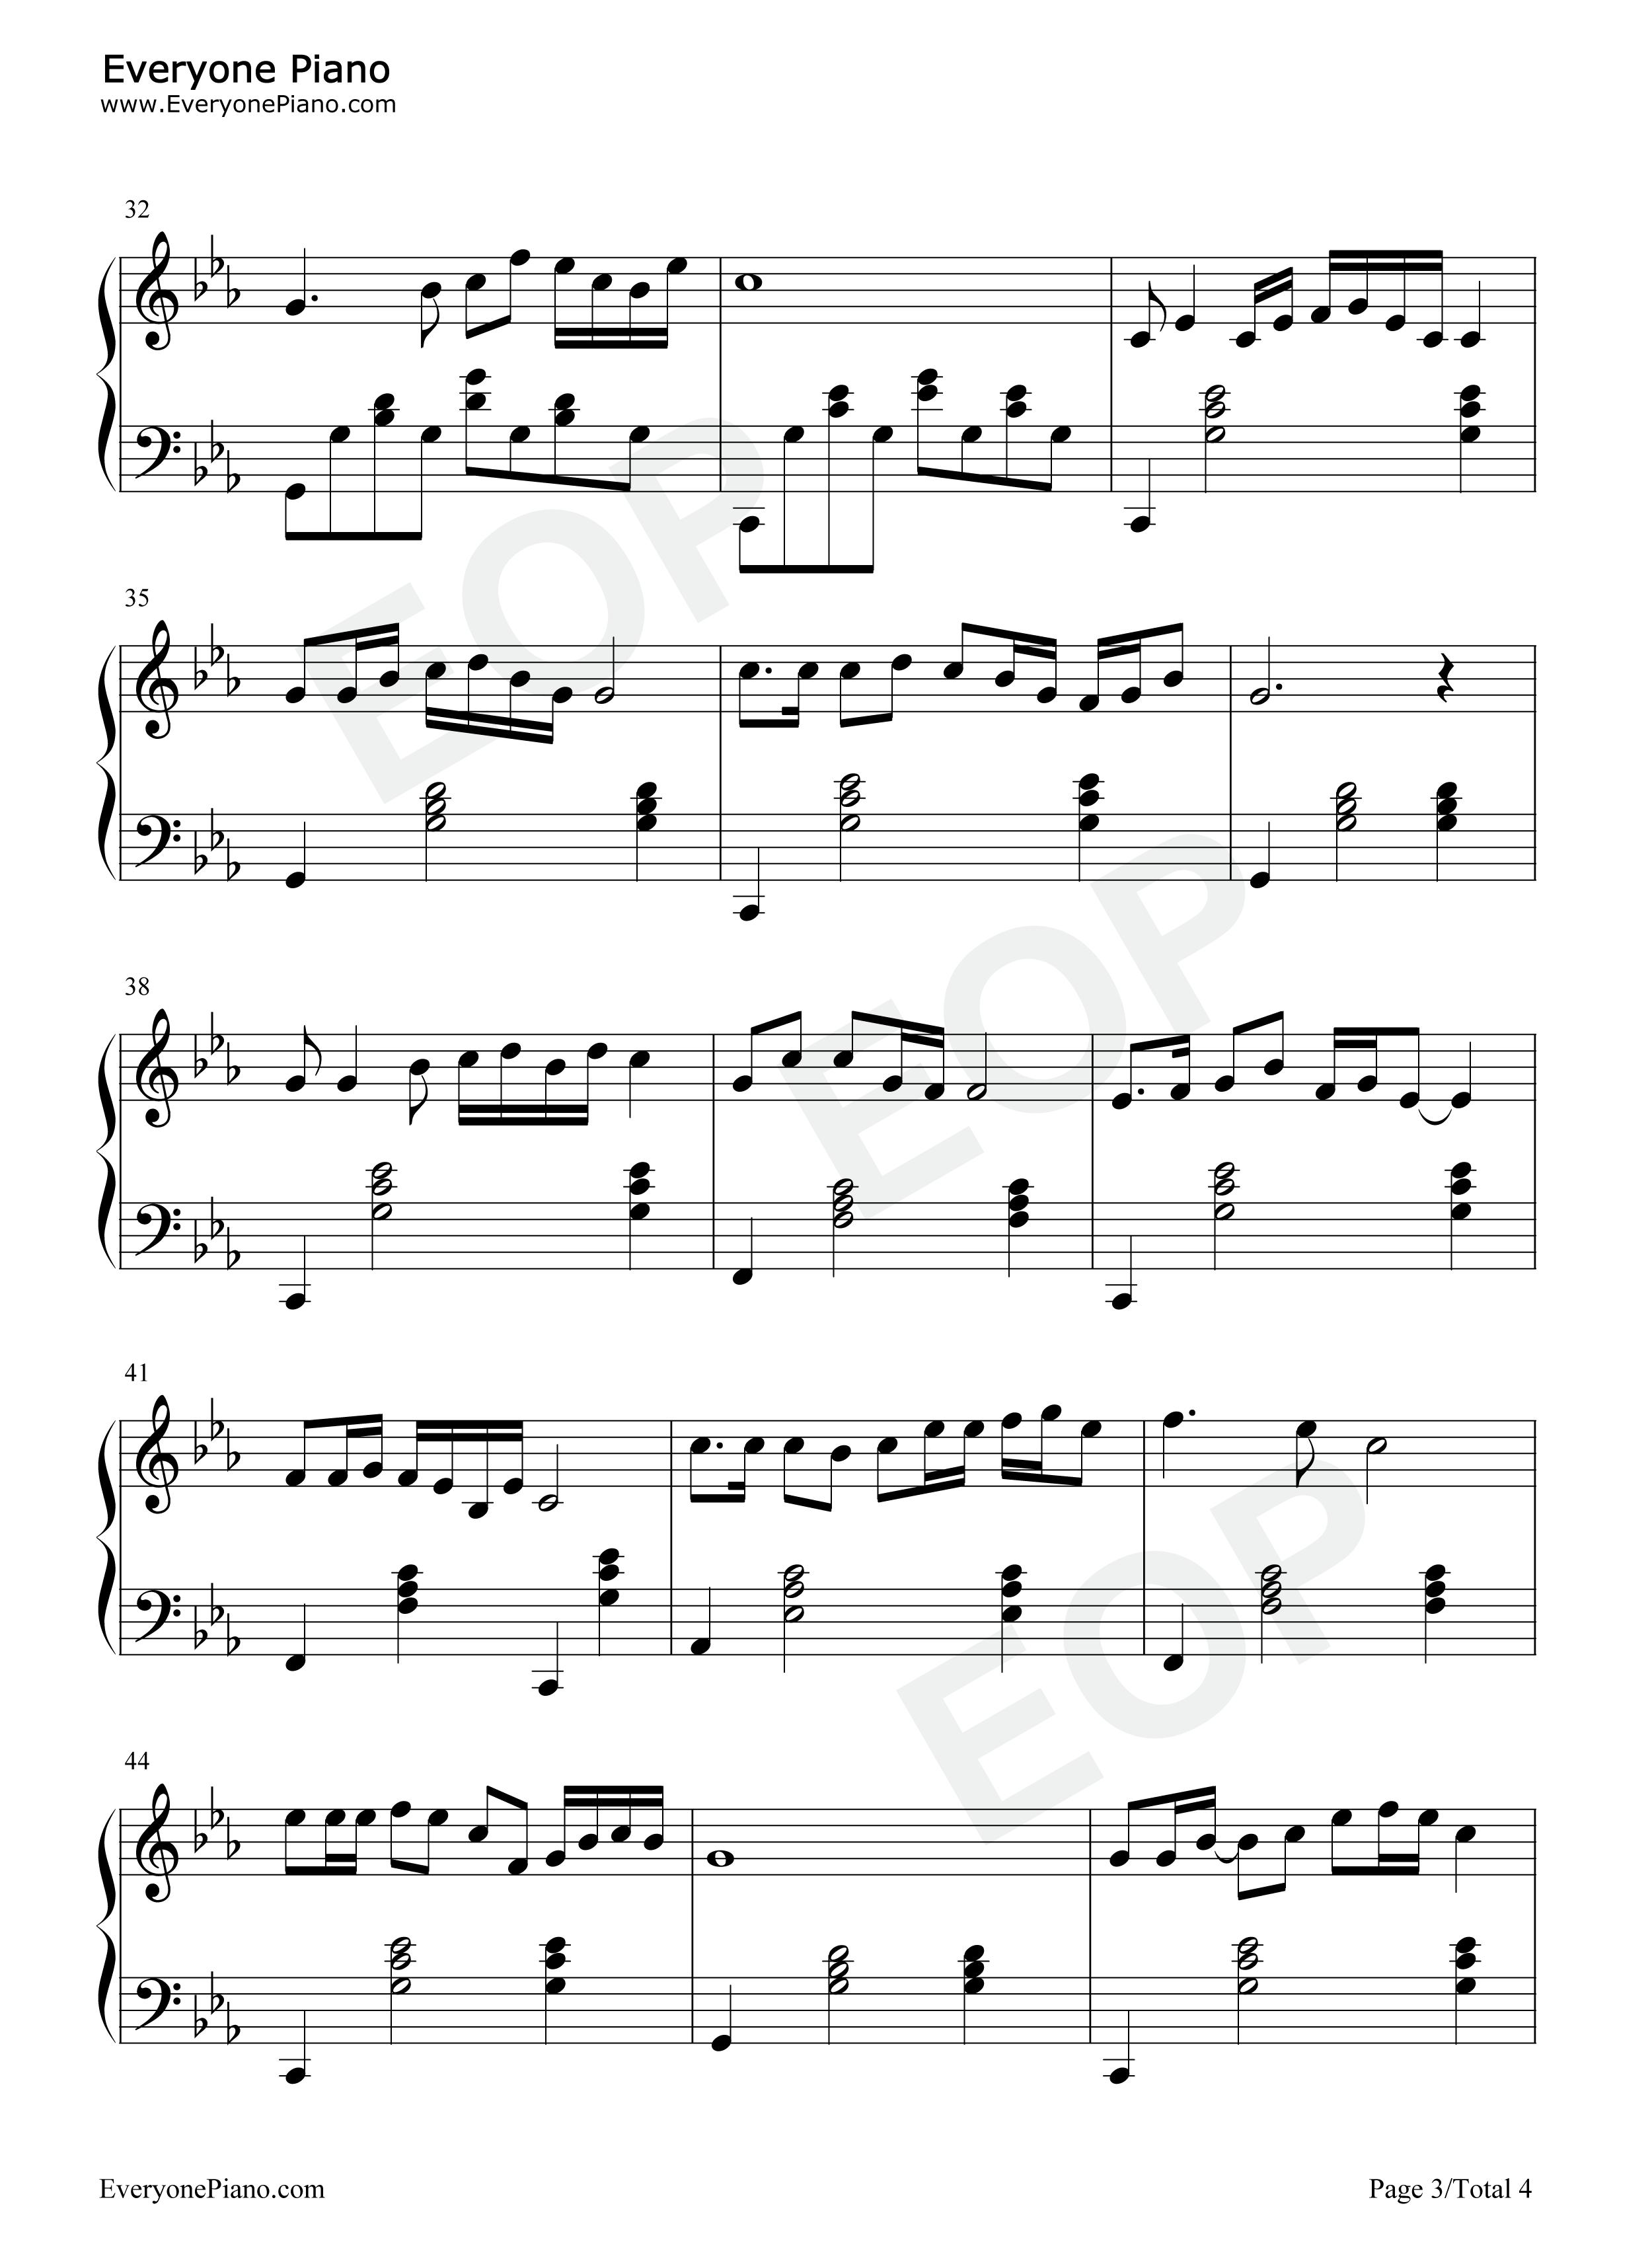 钢琴曲谱 流行 天路-韩红 天路-韩红五线谱预览3   仅供个人学习交流